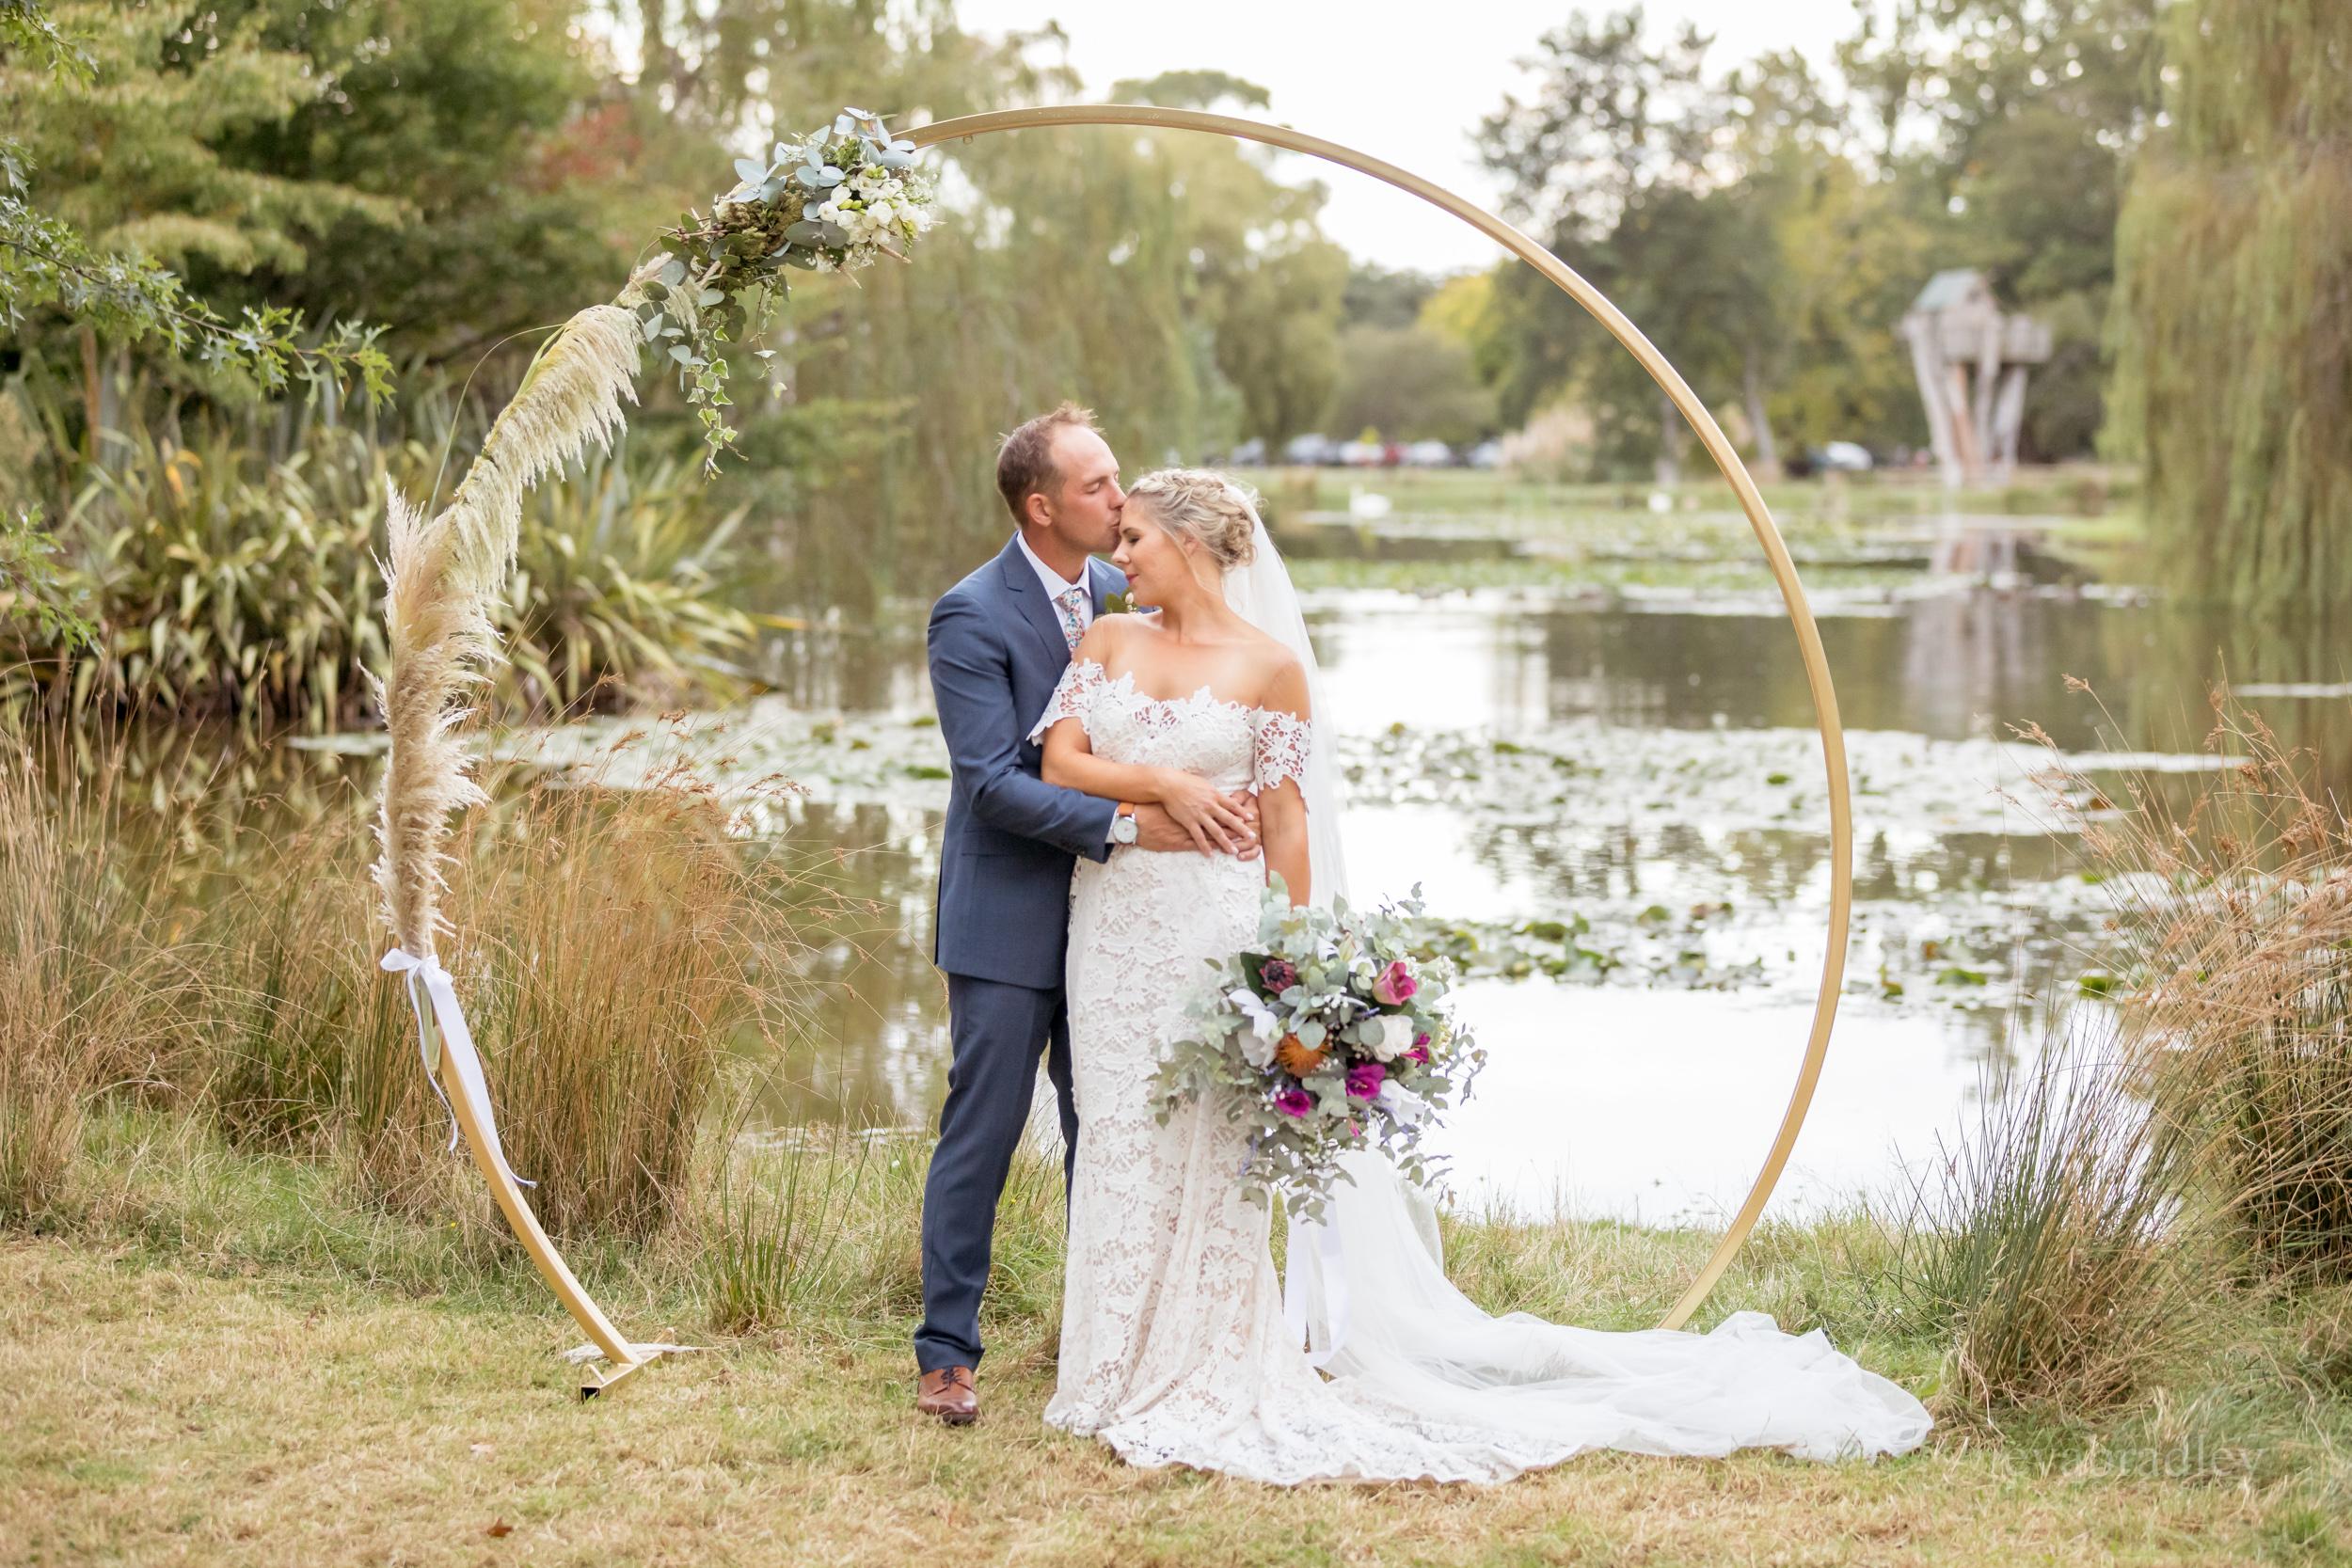 brass-toitoi-wedding-arch-nz